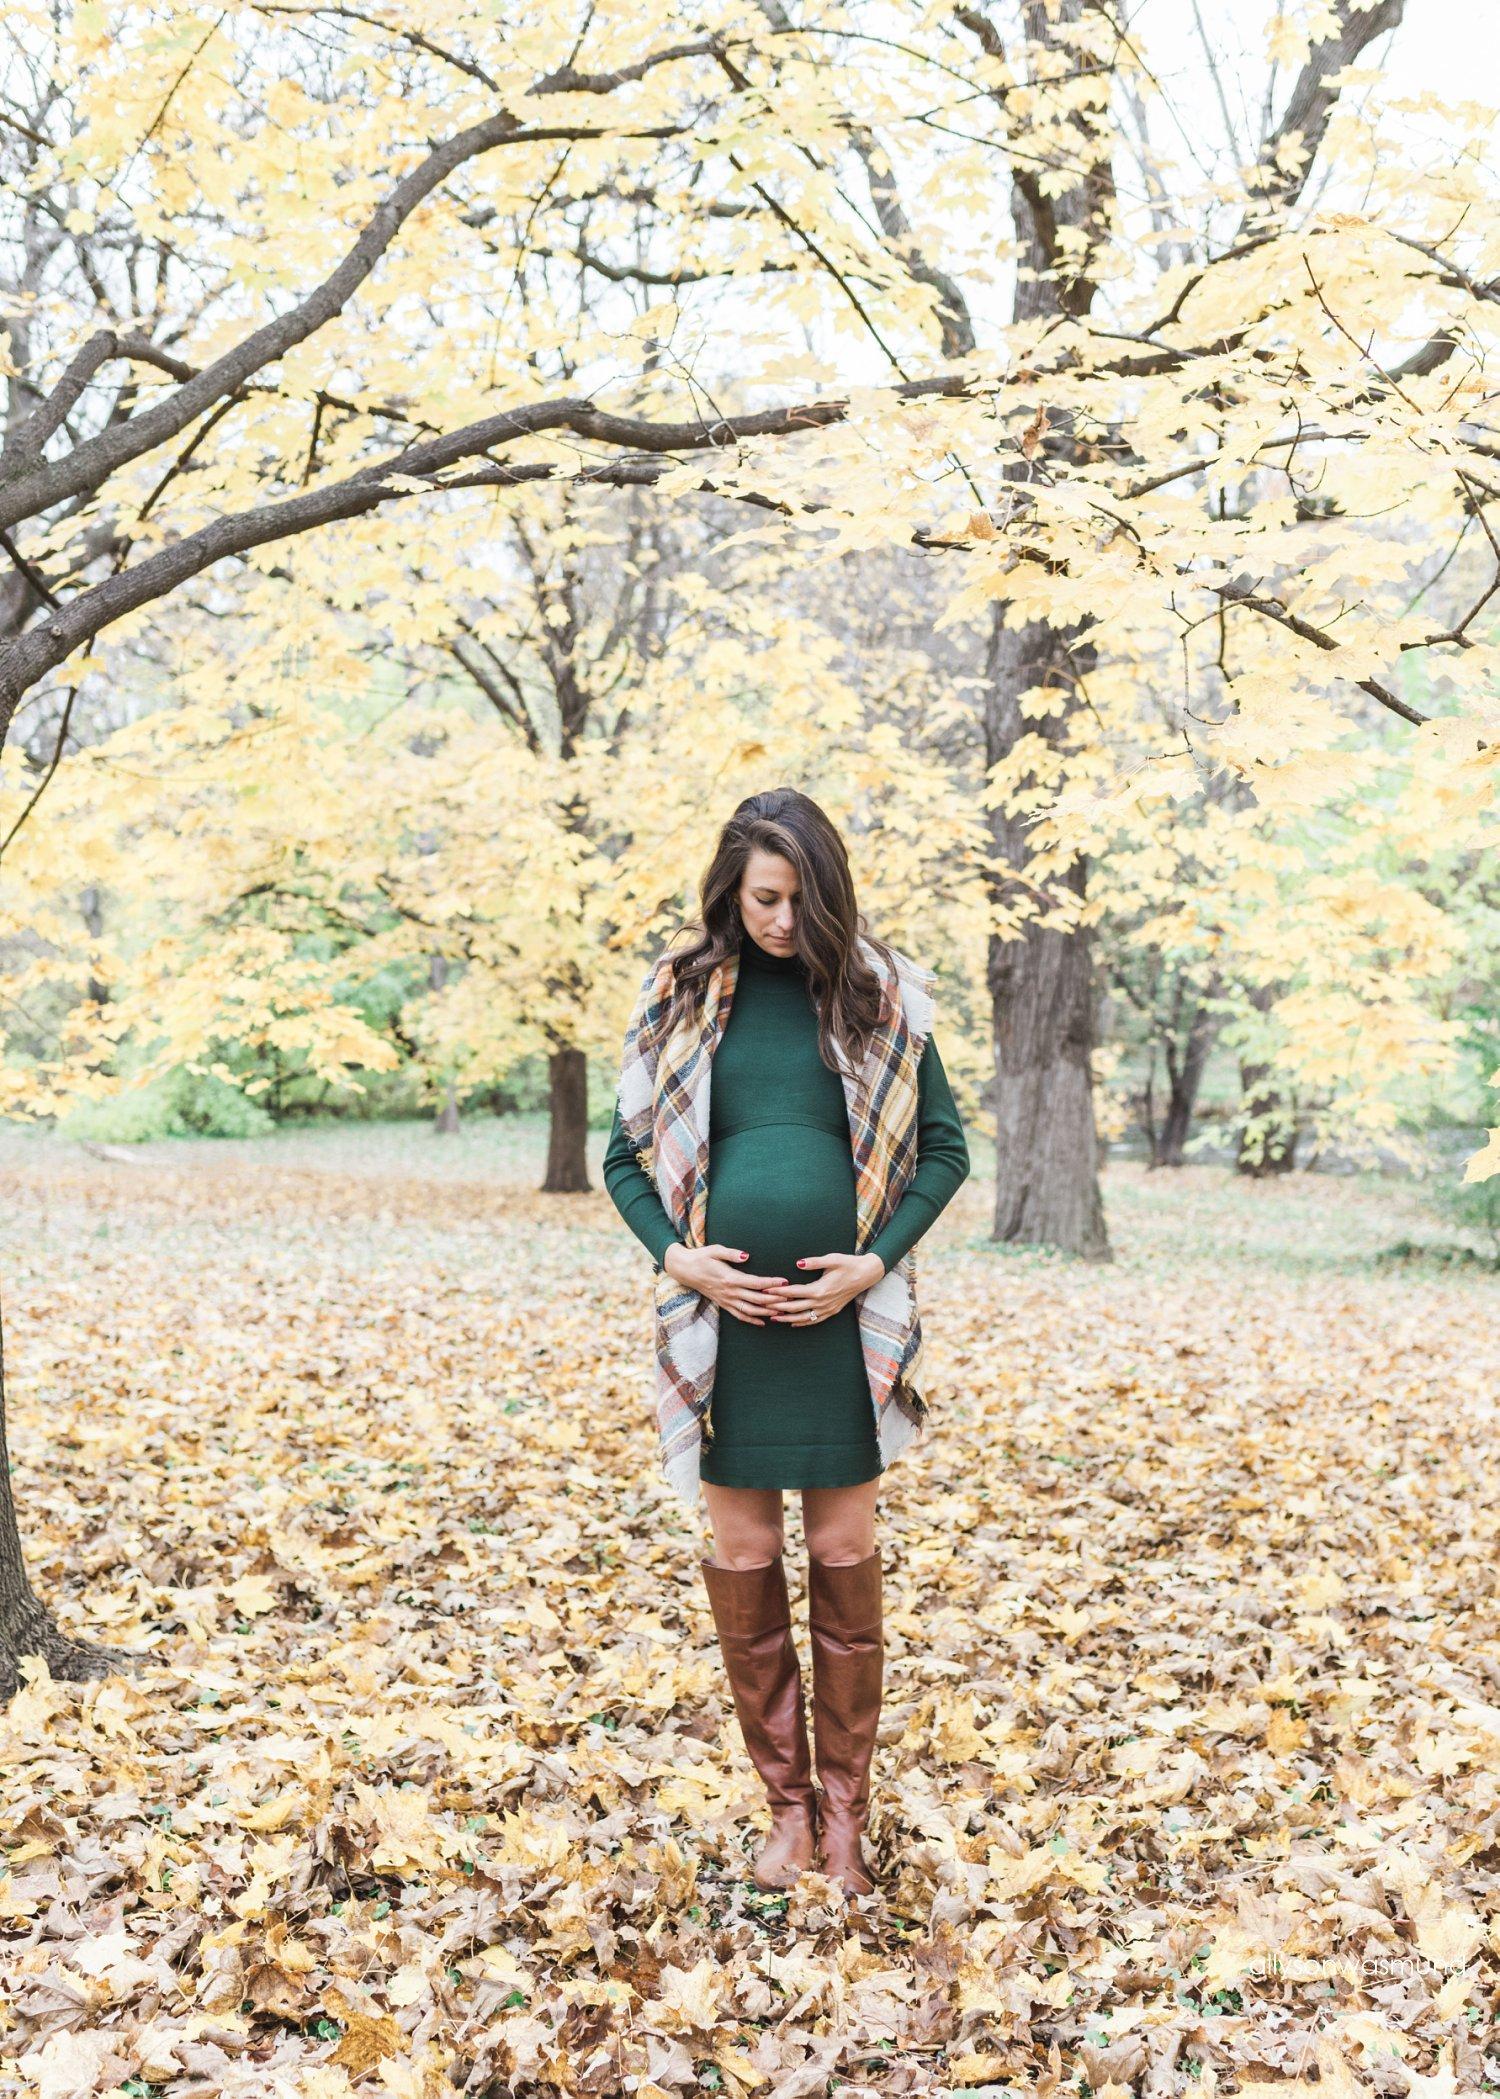 minneapolis-mn-outdoor-maternity-photographer_0078.jpg